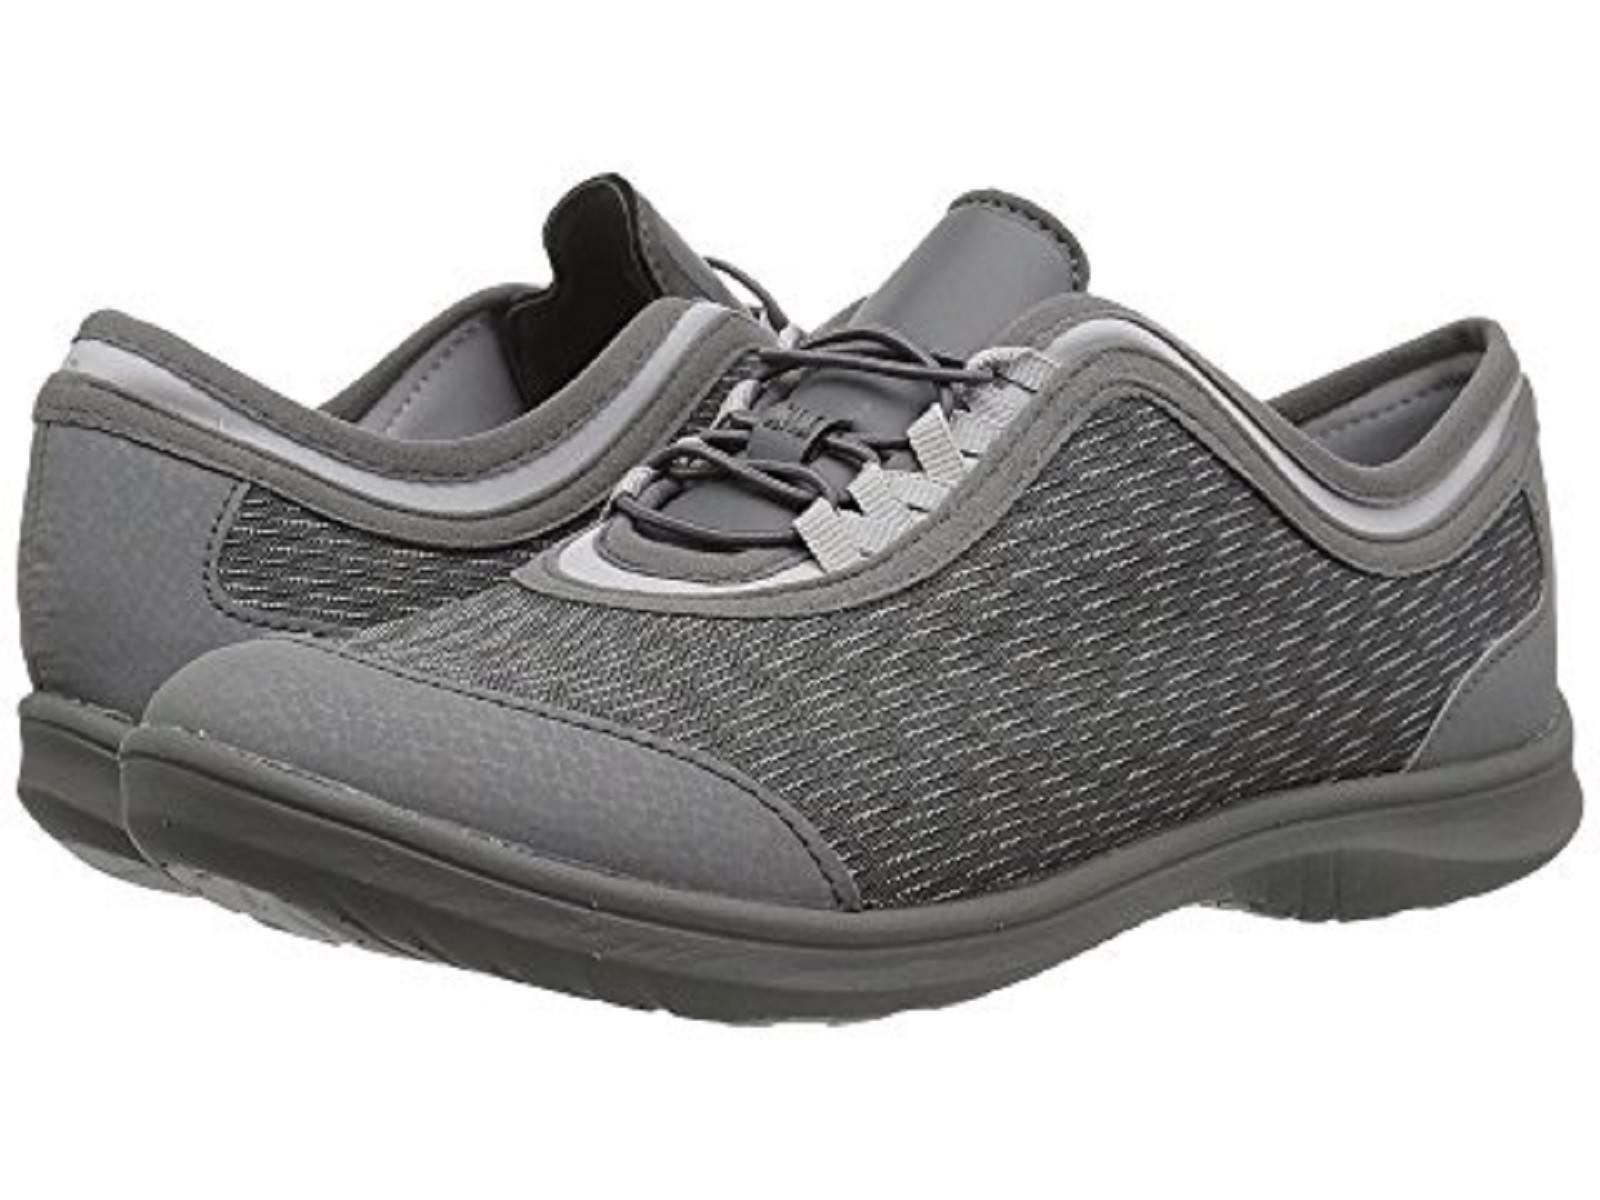 CLARKS CLOUDSTEPPERS Ladies 'DOWLING PEARL' Sneakers-DARK GREY  Sz. 9 M NIB